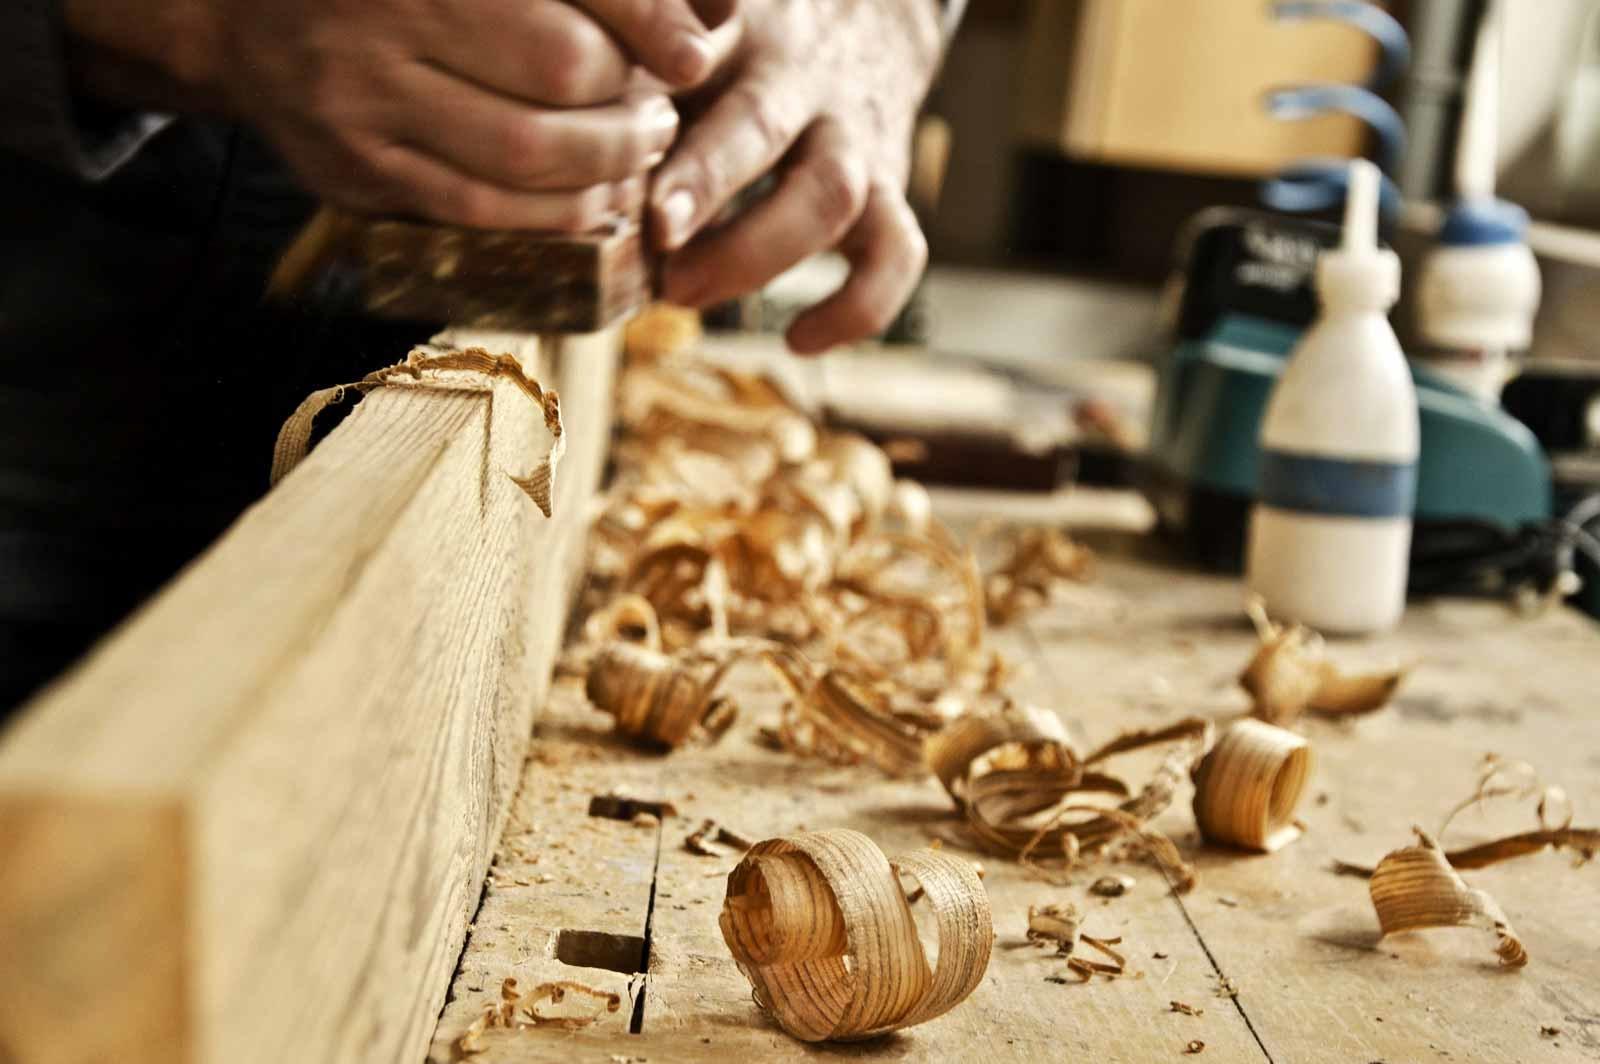 Choisir un artisan : quels critères prendre en compte ?